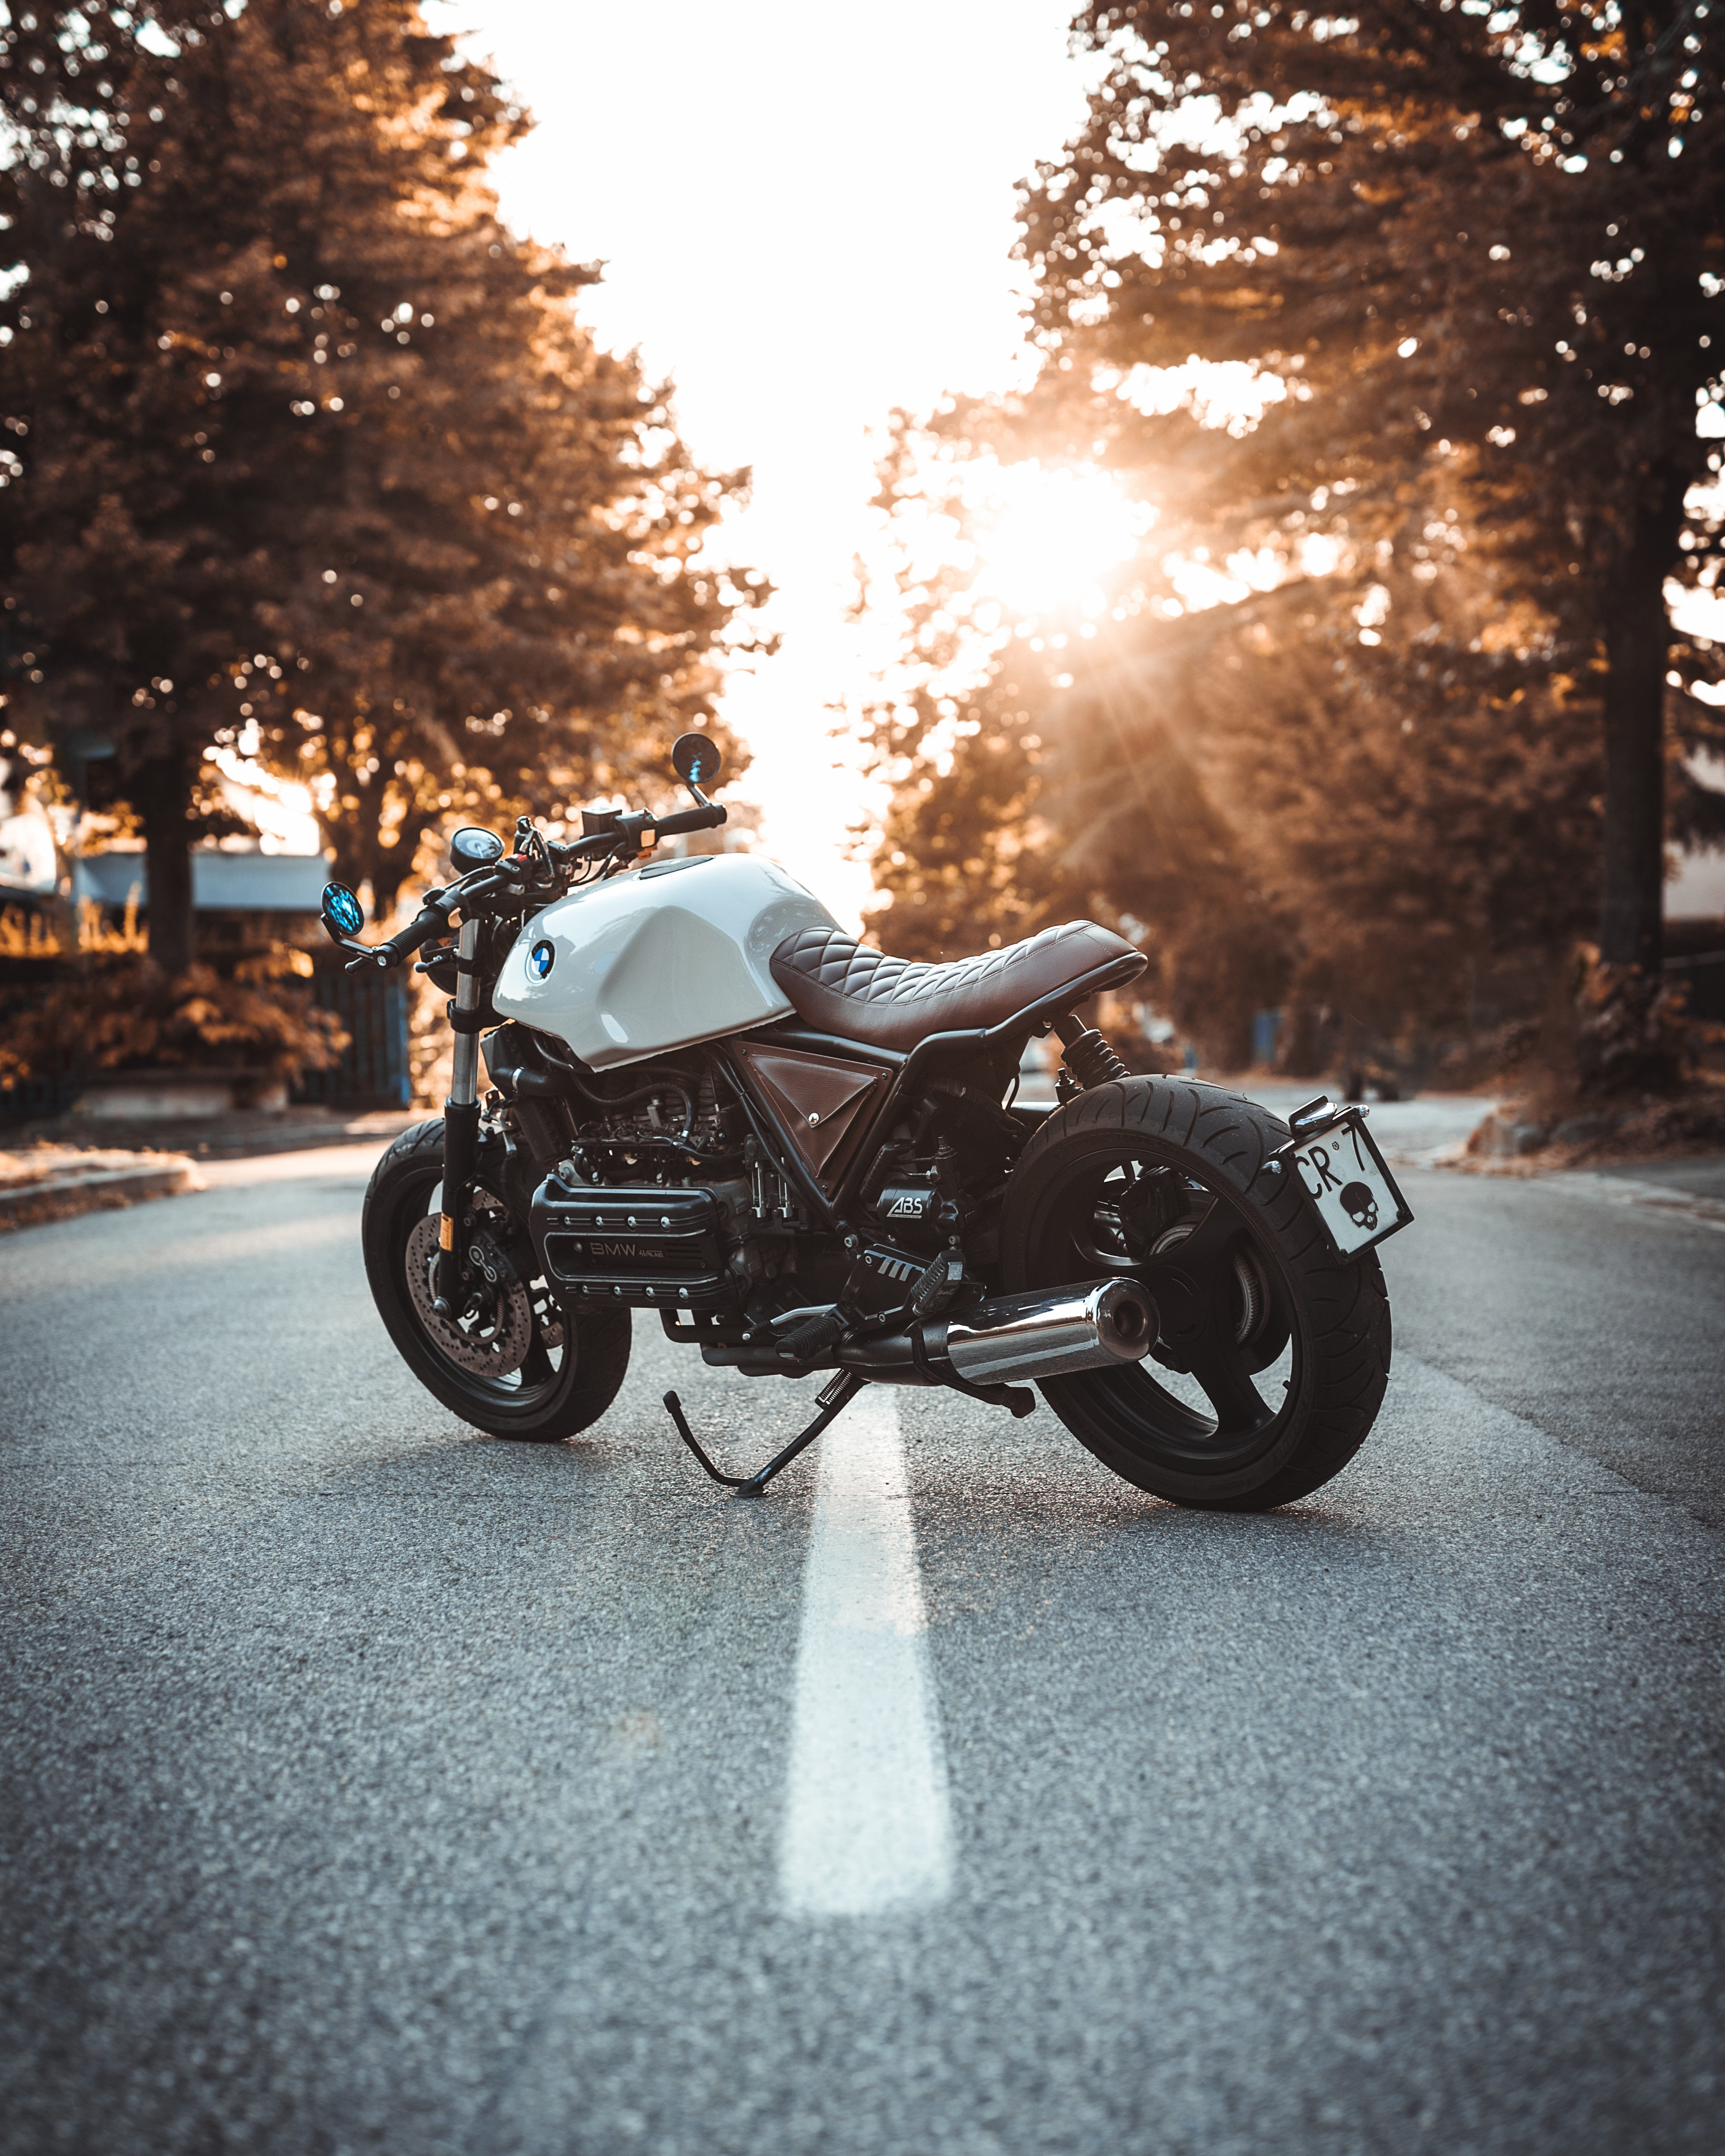 88385 Hintergrundbild herunterladen Motorräder, Seitenansicht, Motorrad, Fahrrad, Bmw K100 - Bildschirmschoner und Bilder kostenlos